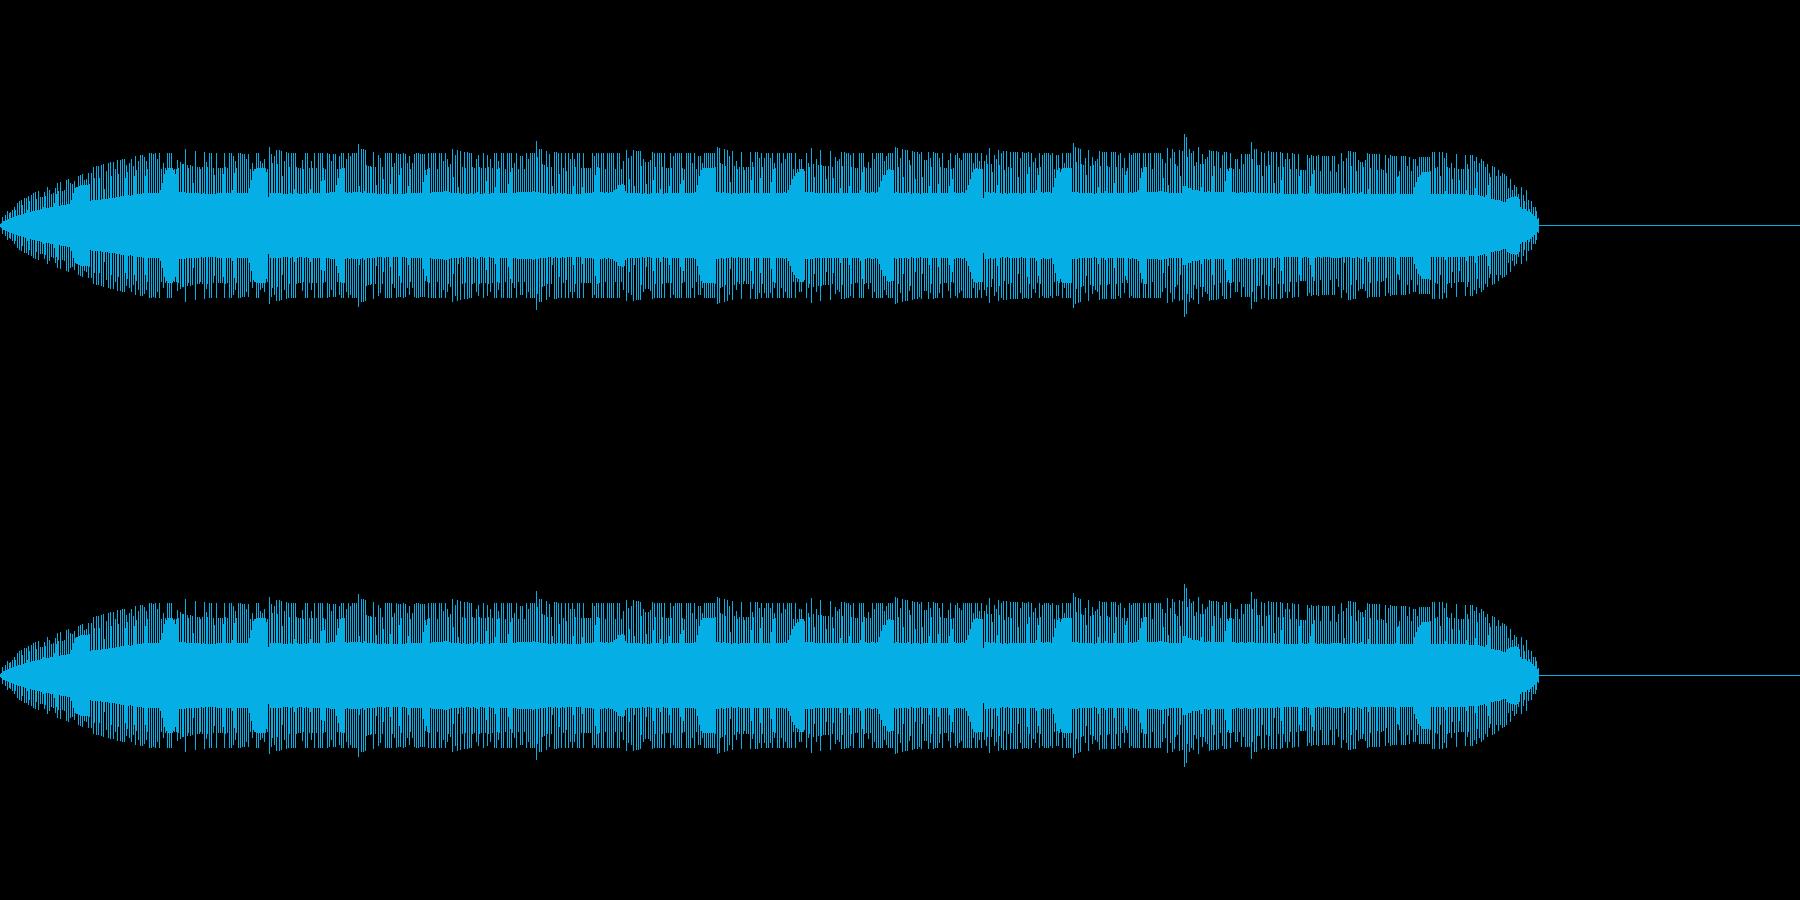 ゲームやアニメに出てくる警告音の再生済みの波形